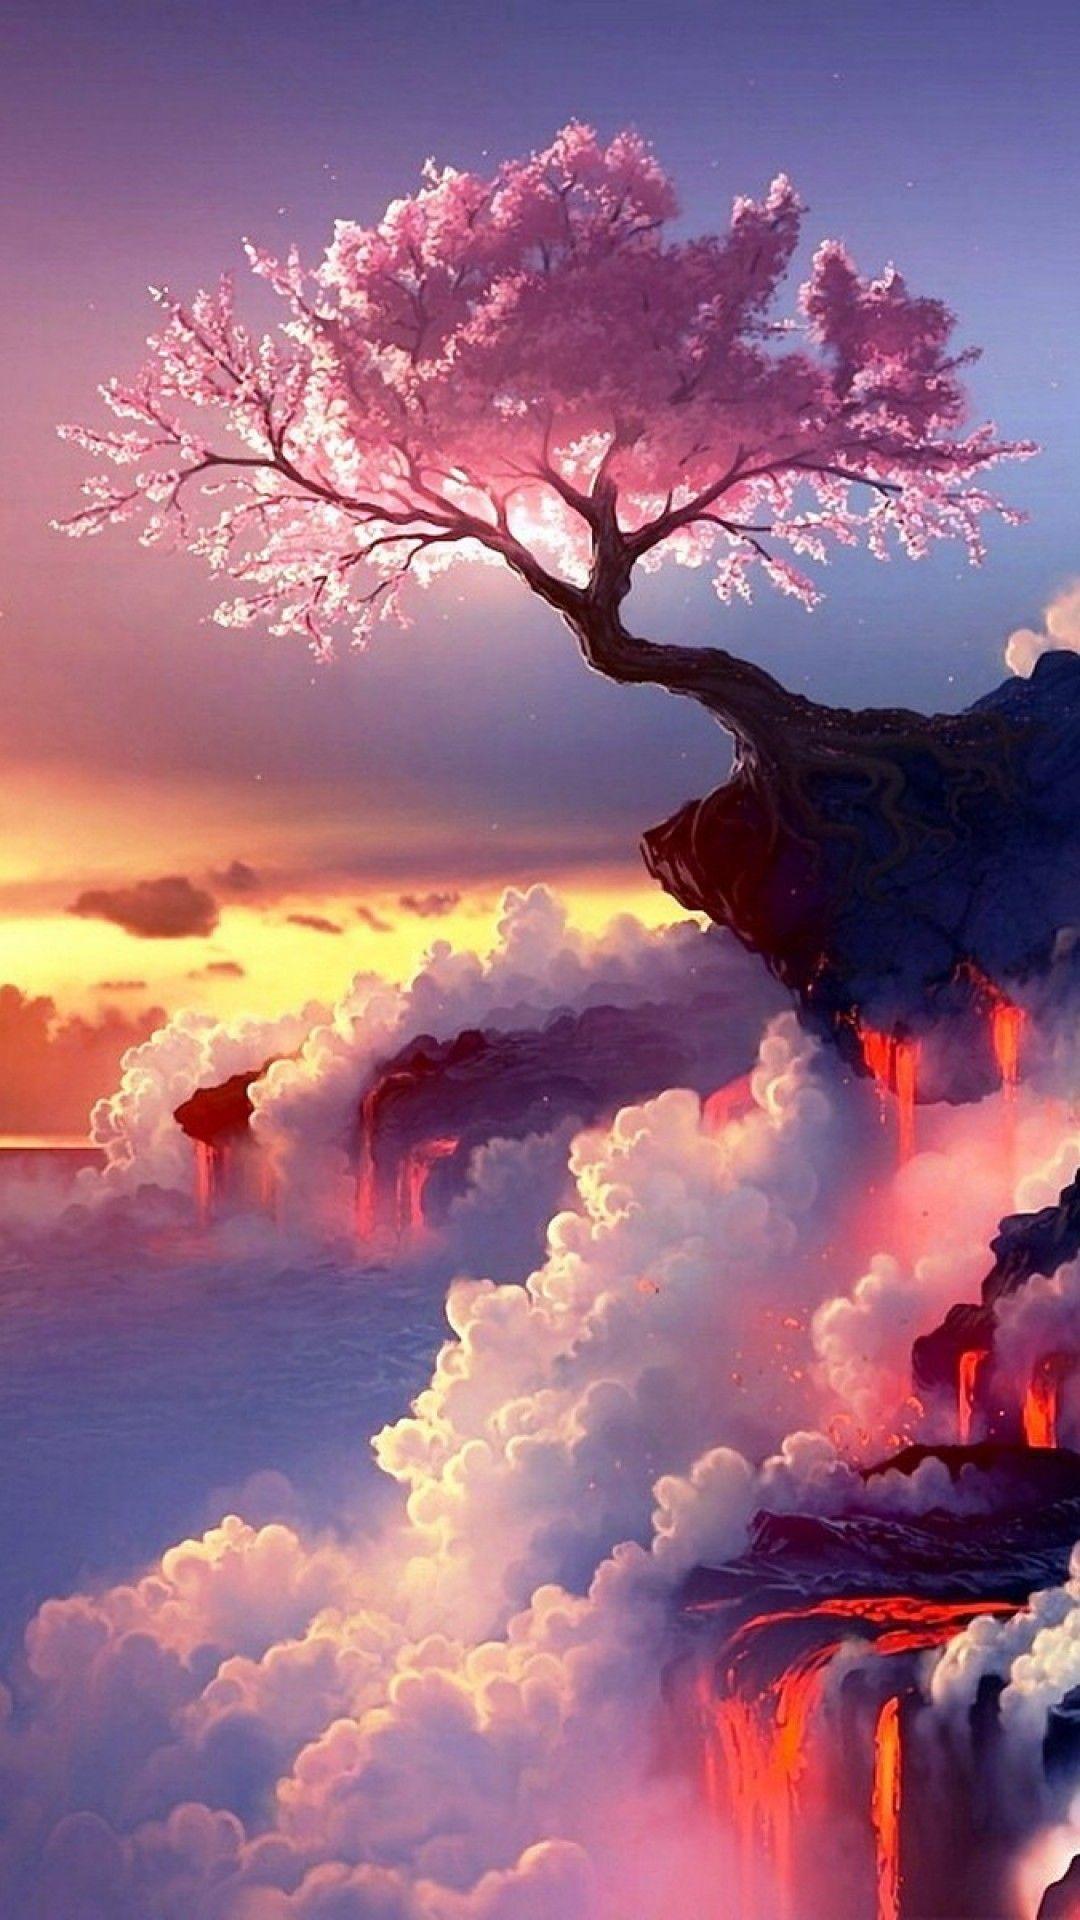 人気243位 崖に咲く一本の桜 Iphonex スマホ壁紙 待受画像ギャラリー ファンタジーな風景 風景の壁紙 幻想的なイラスト